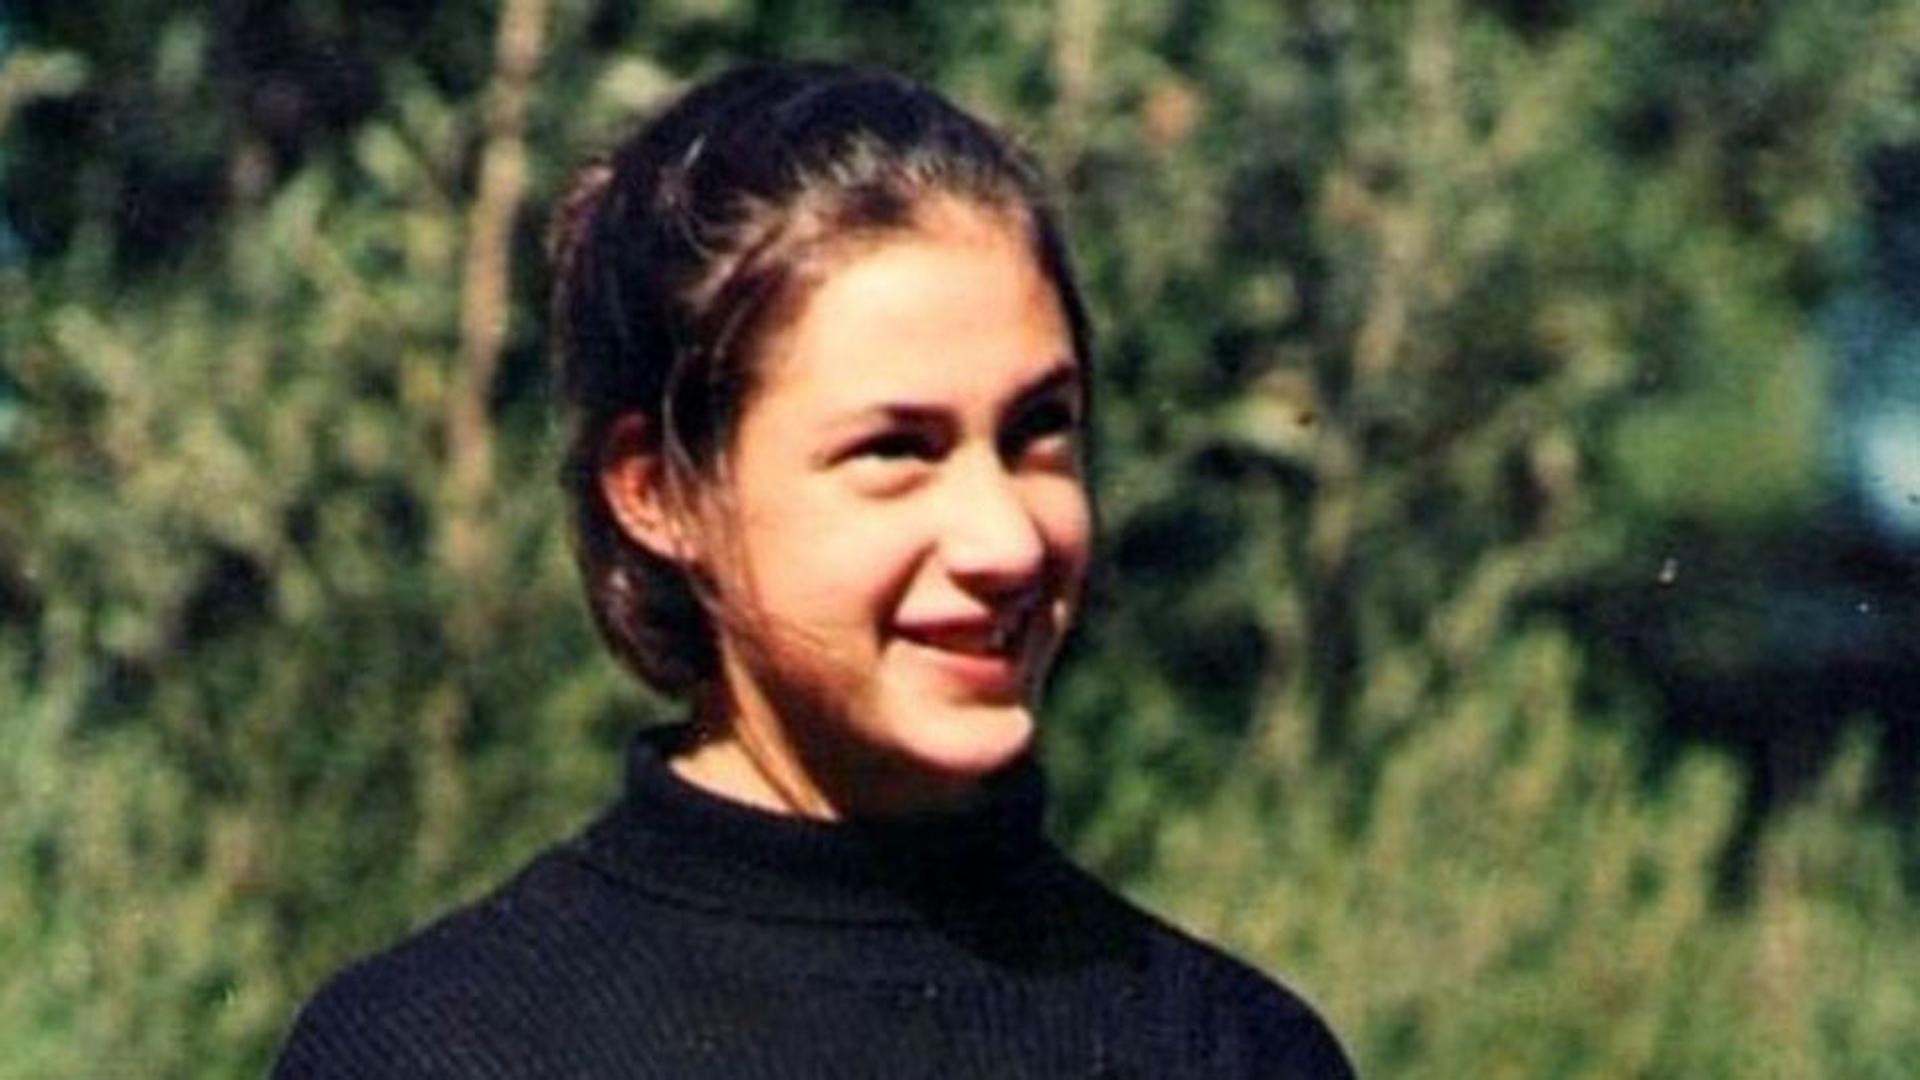 Casi 20 años después, la familia de Natalia Melmann busca resolver el  misterio del ADN del quinto violador que nunca fue identificado - Infobae